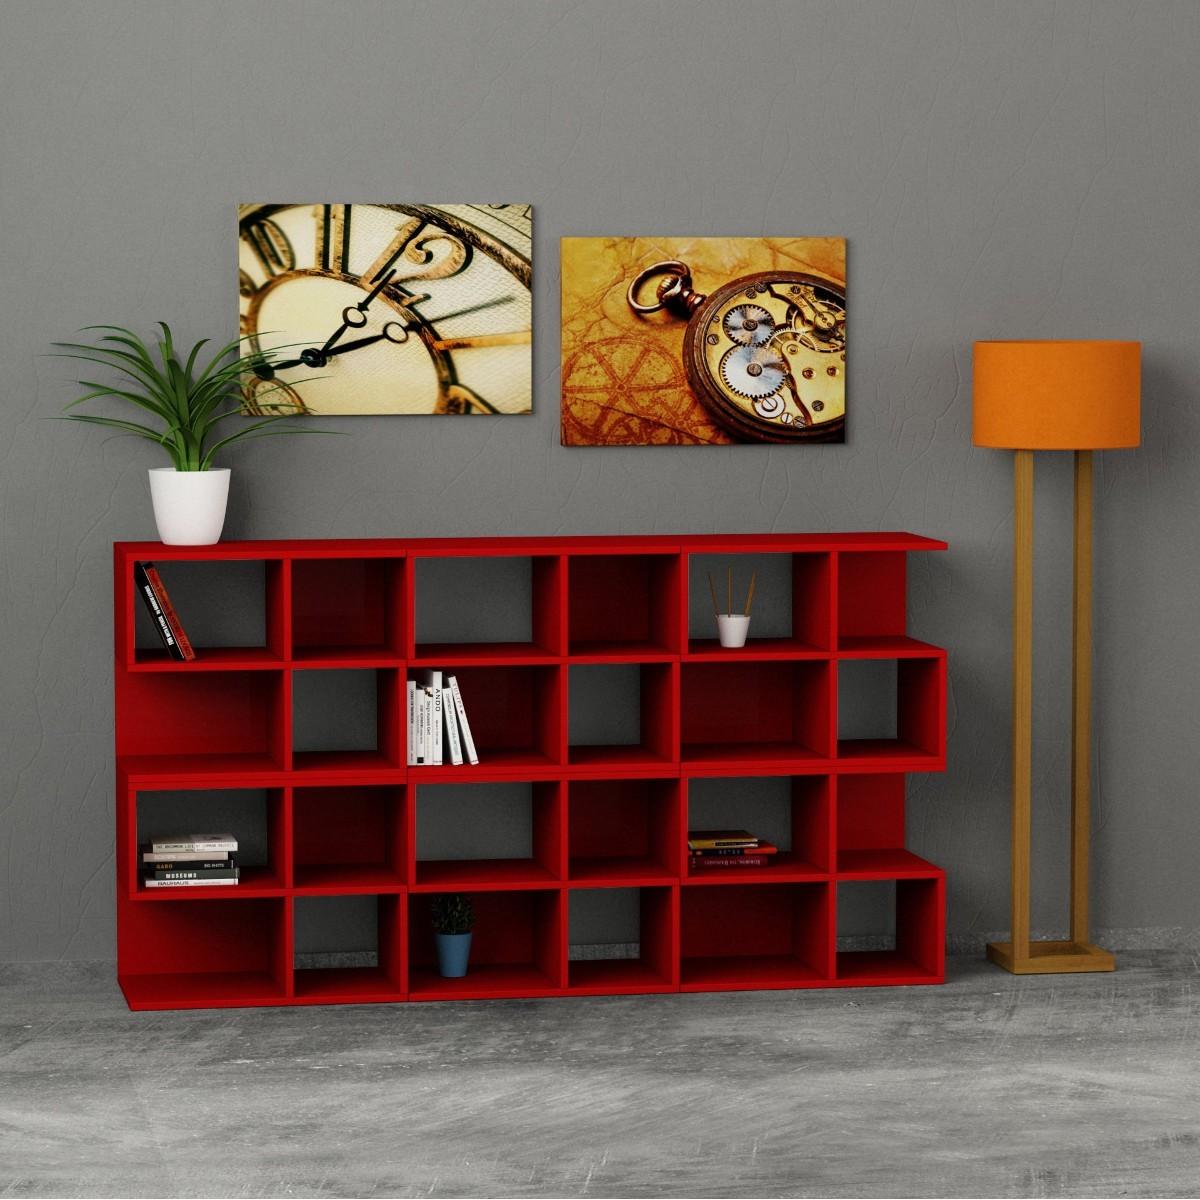 Premiere libreria da soggiorno in legno a forma di scala - Libreria parete design ...